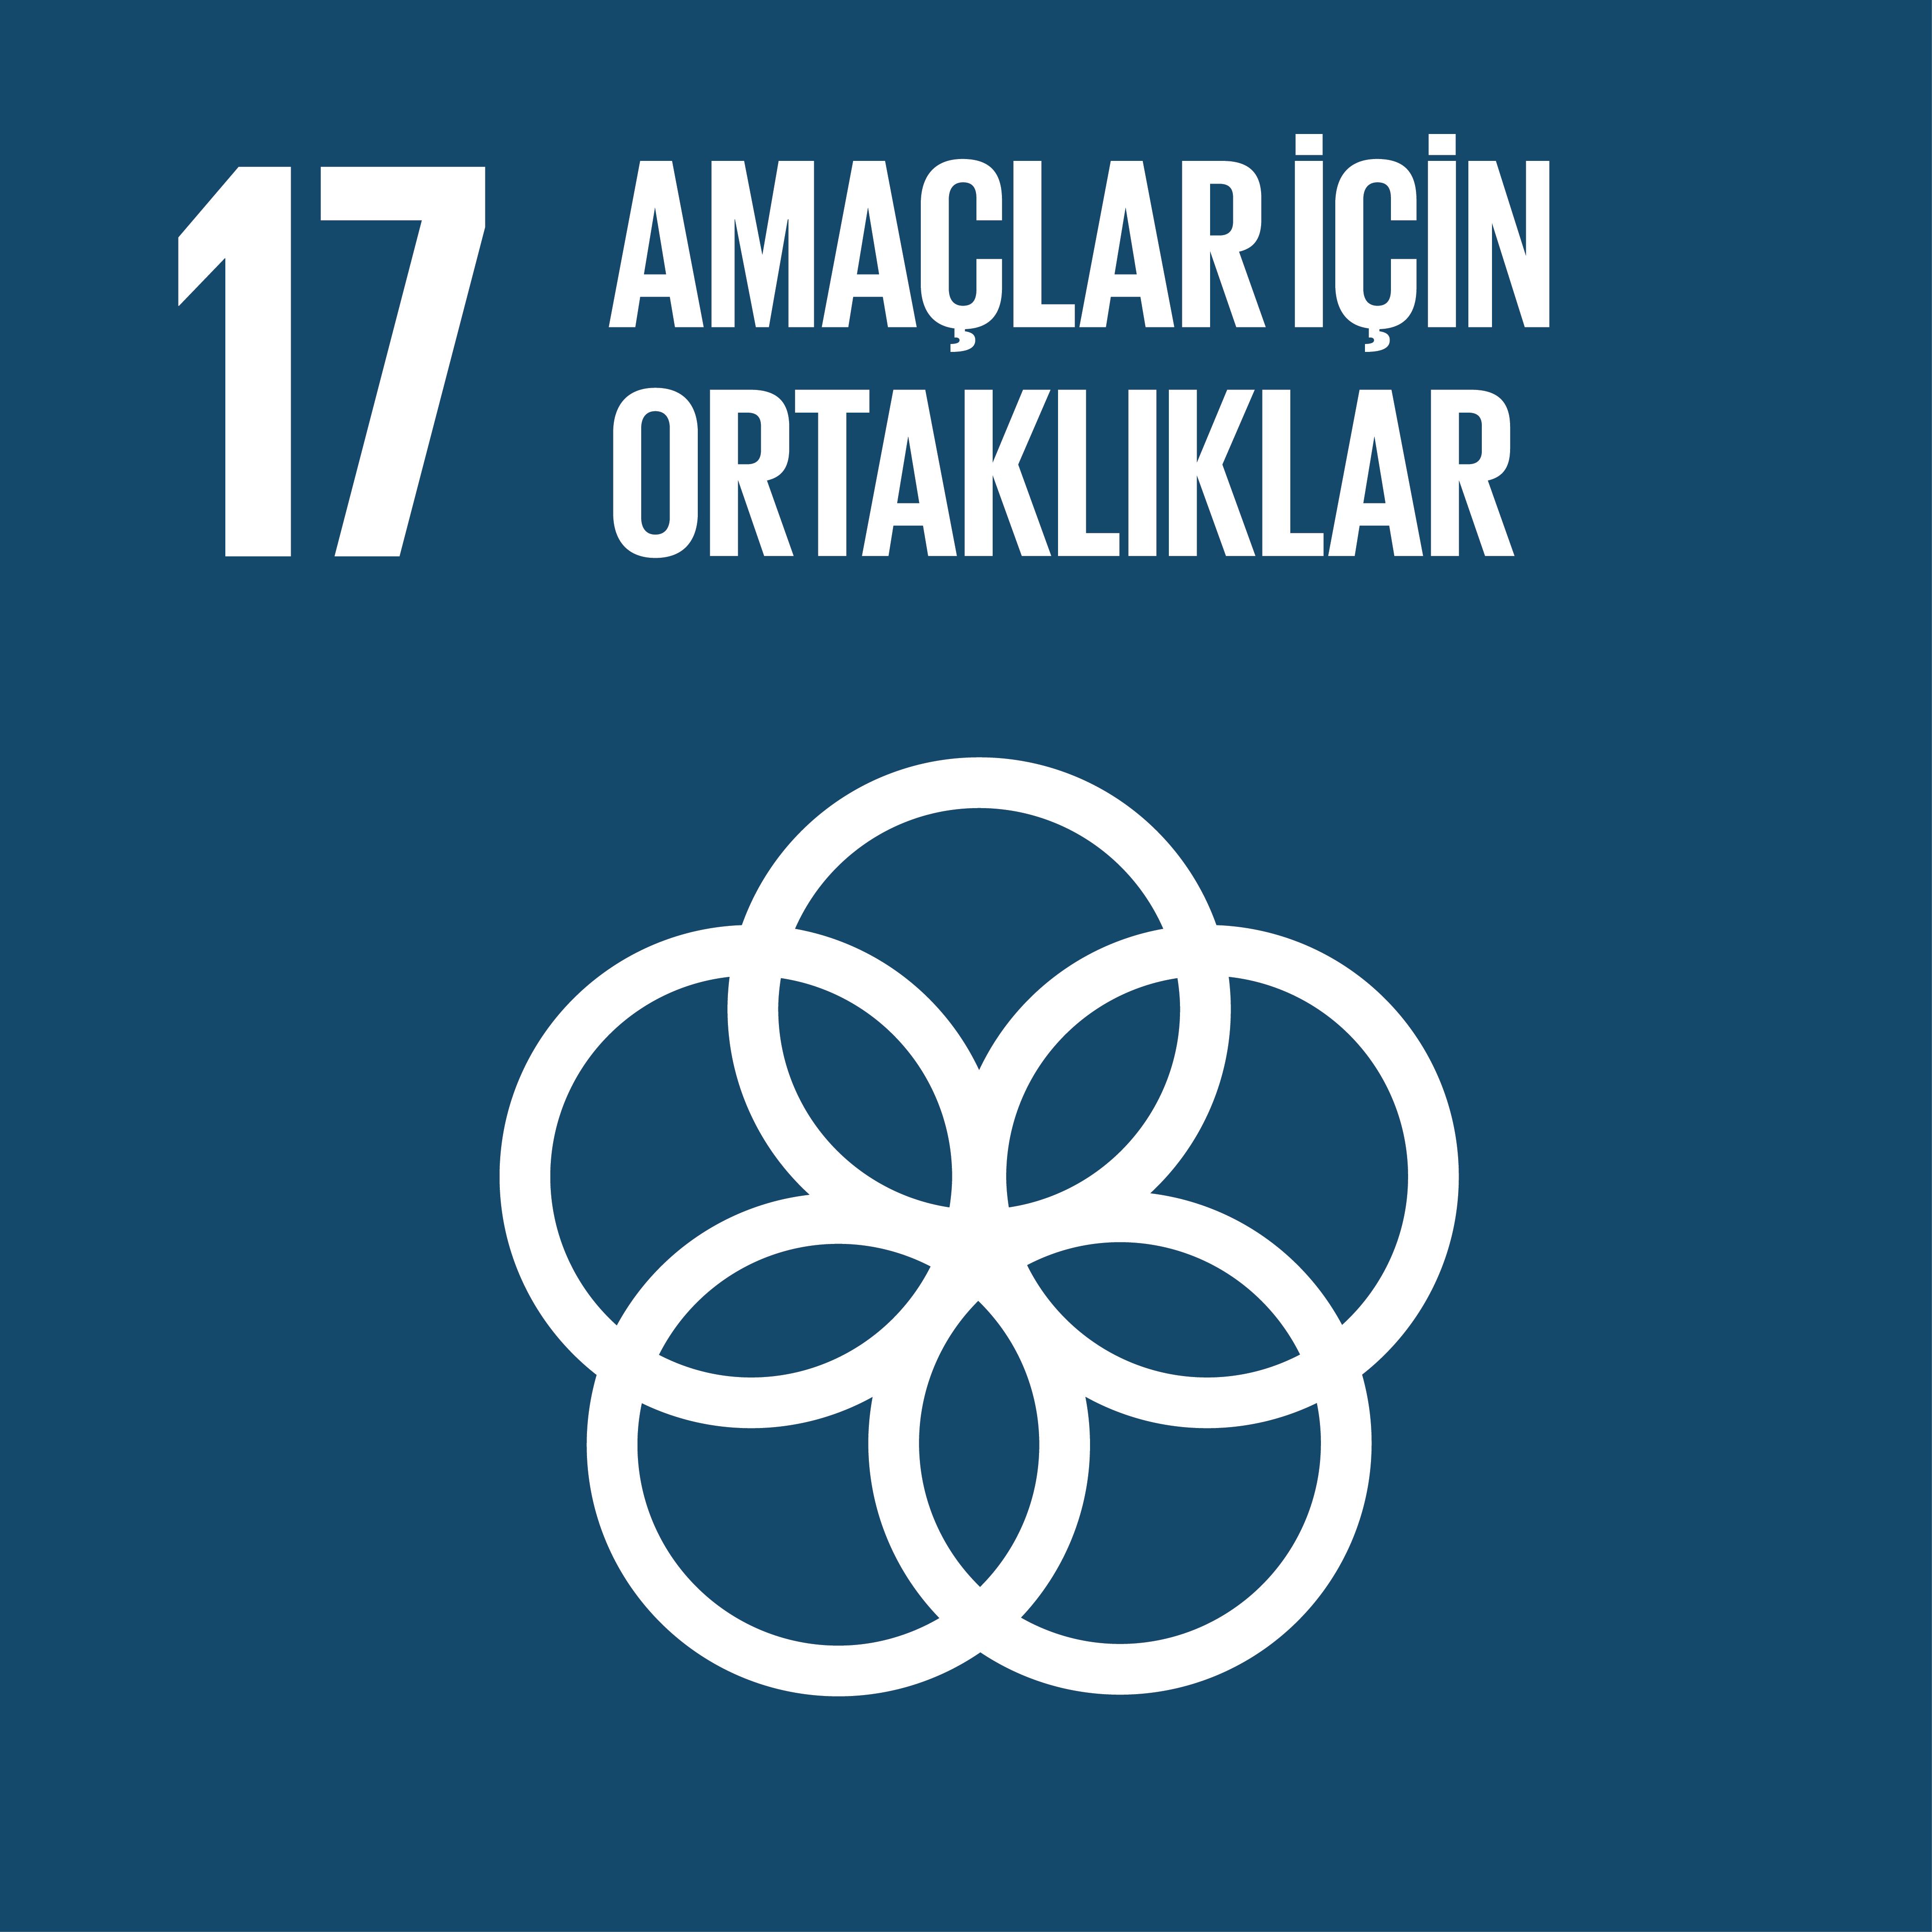 SDG 17 Sürdürülebilir Kalkınma Amacı 17 - Amaçlar için Ortaklıklar